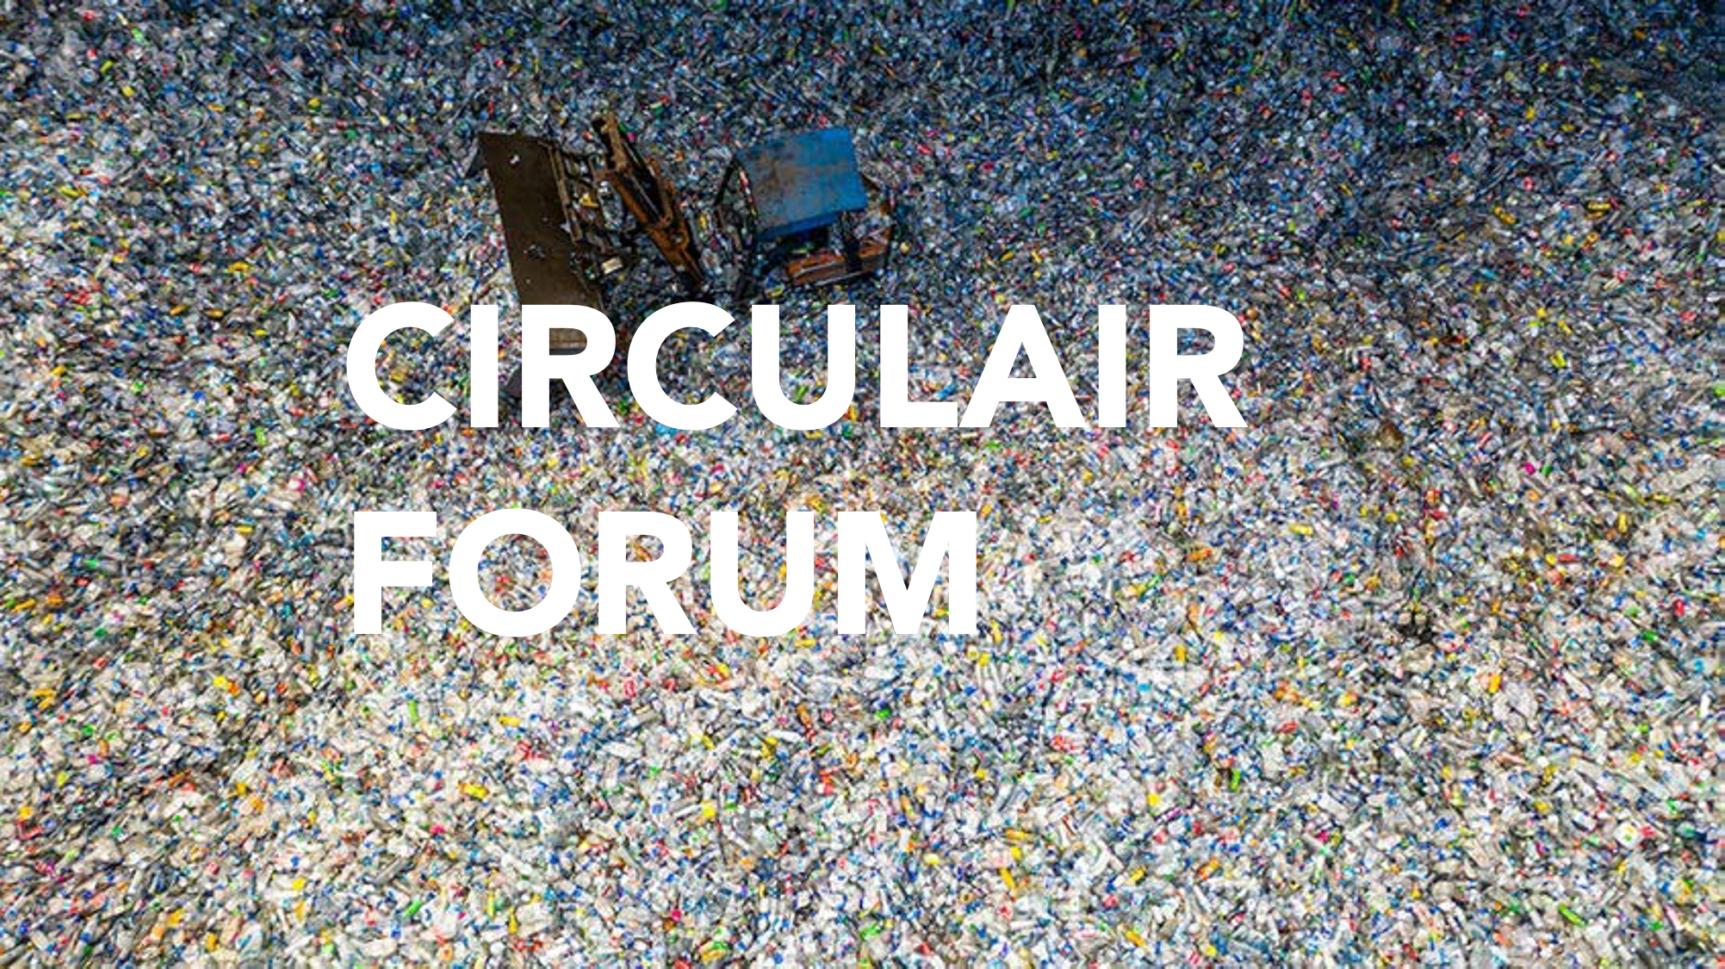 Circulair Forum